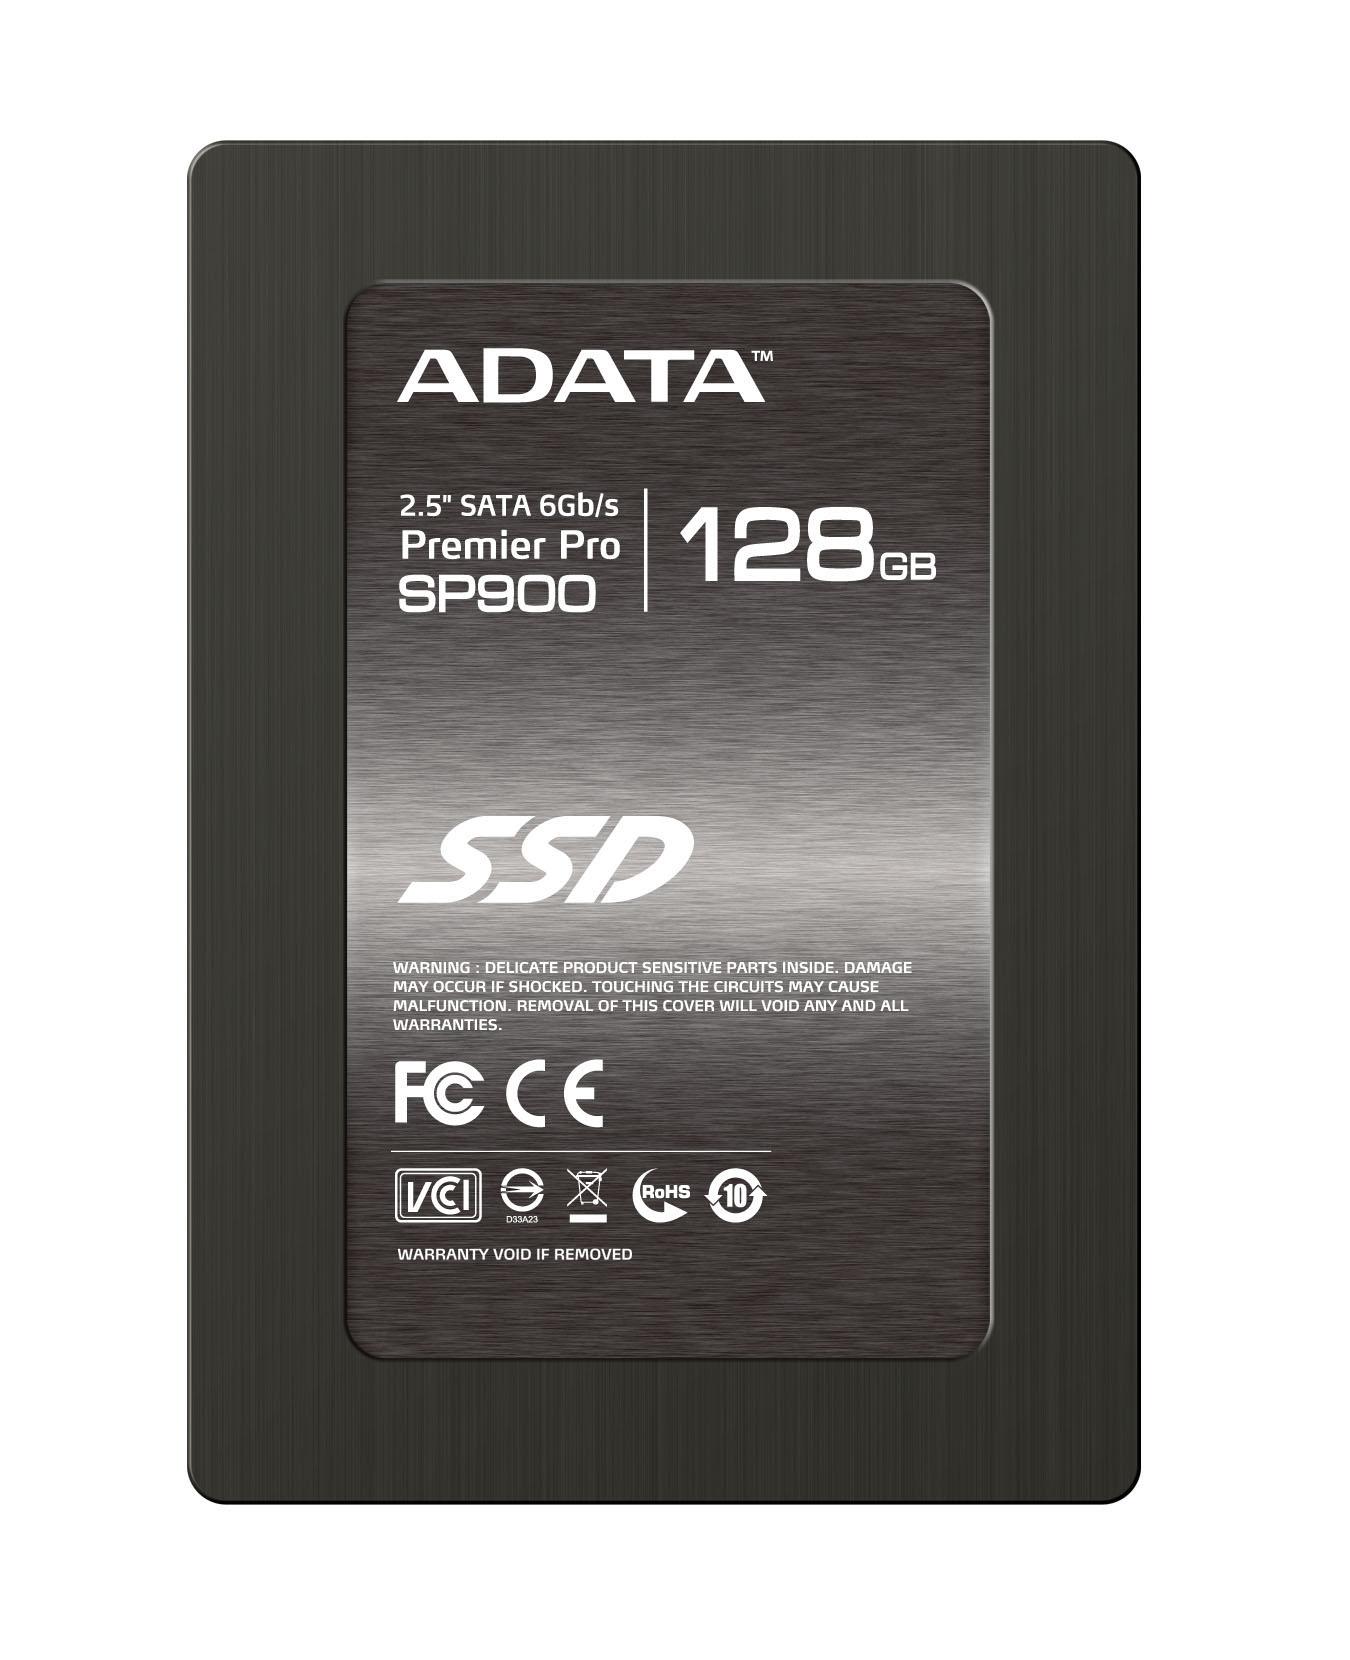 """ADATA SSD SP900 Premier Pro 128GB 2.5"""" SATA III"""